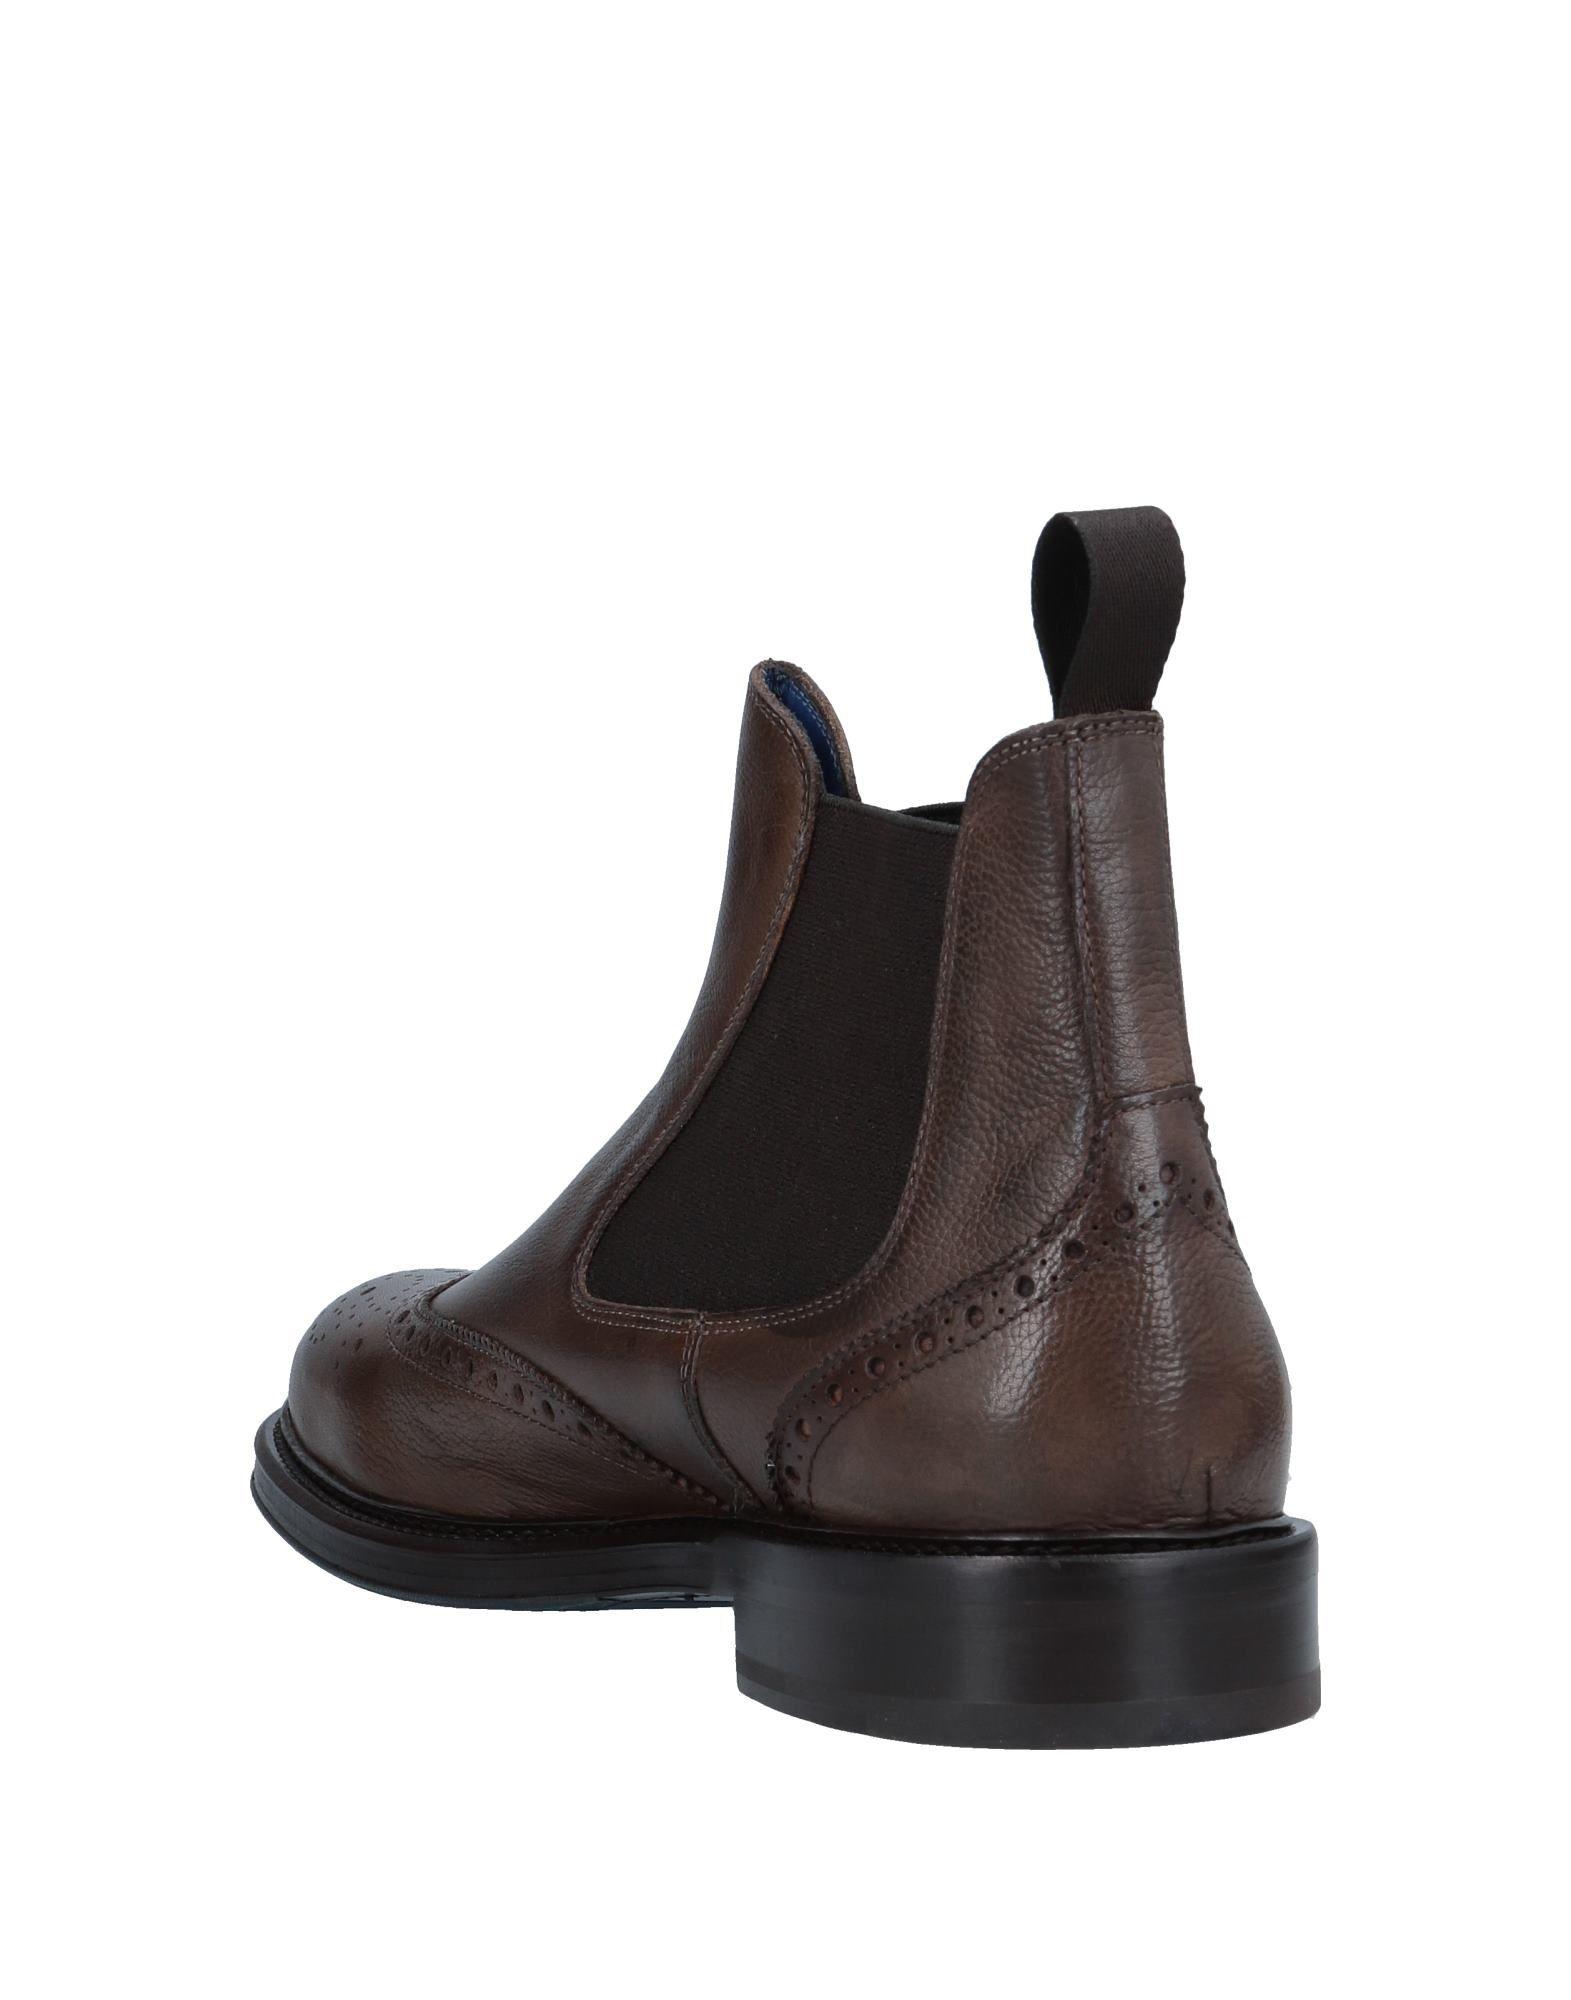 Rabatt Herren echte Schuhe Winsor Stiefelette Herren Rabatt  11550998BU d313f3